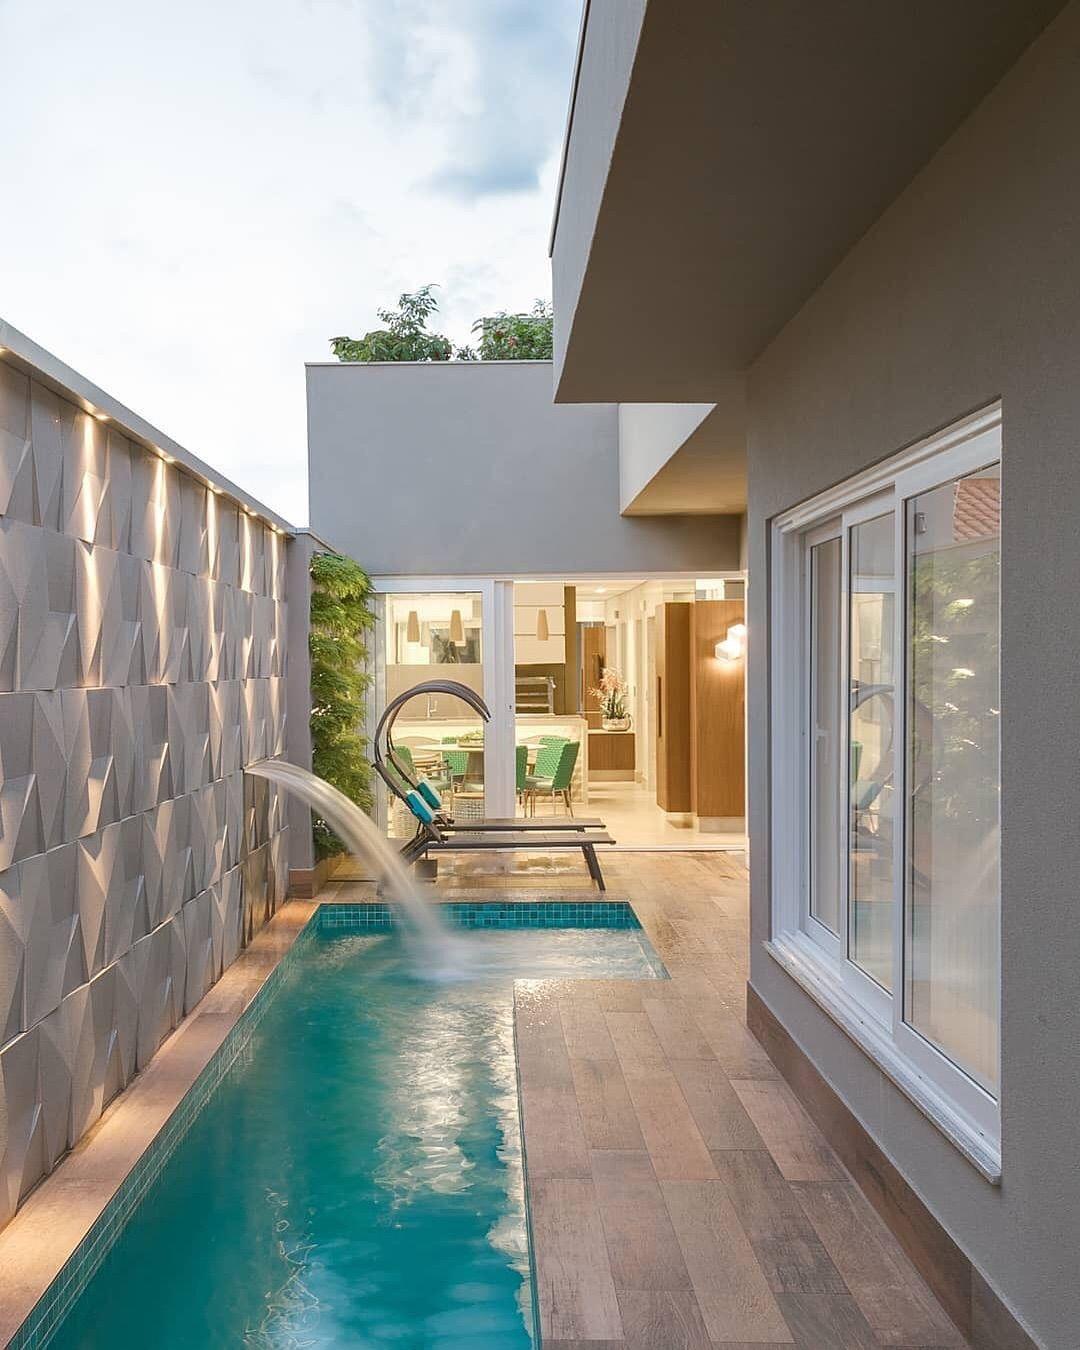 400 Pool Design Ideas Pool Designs Pool Swimming Pools